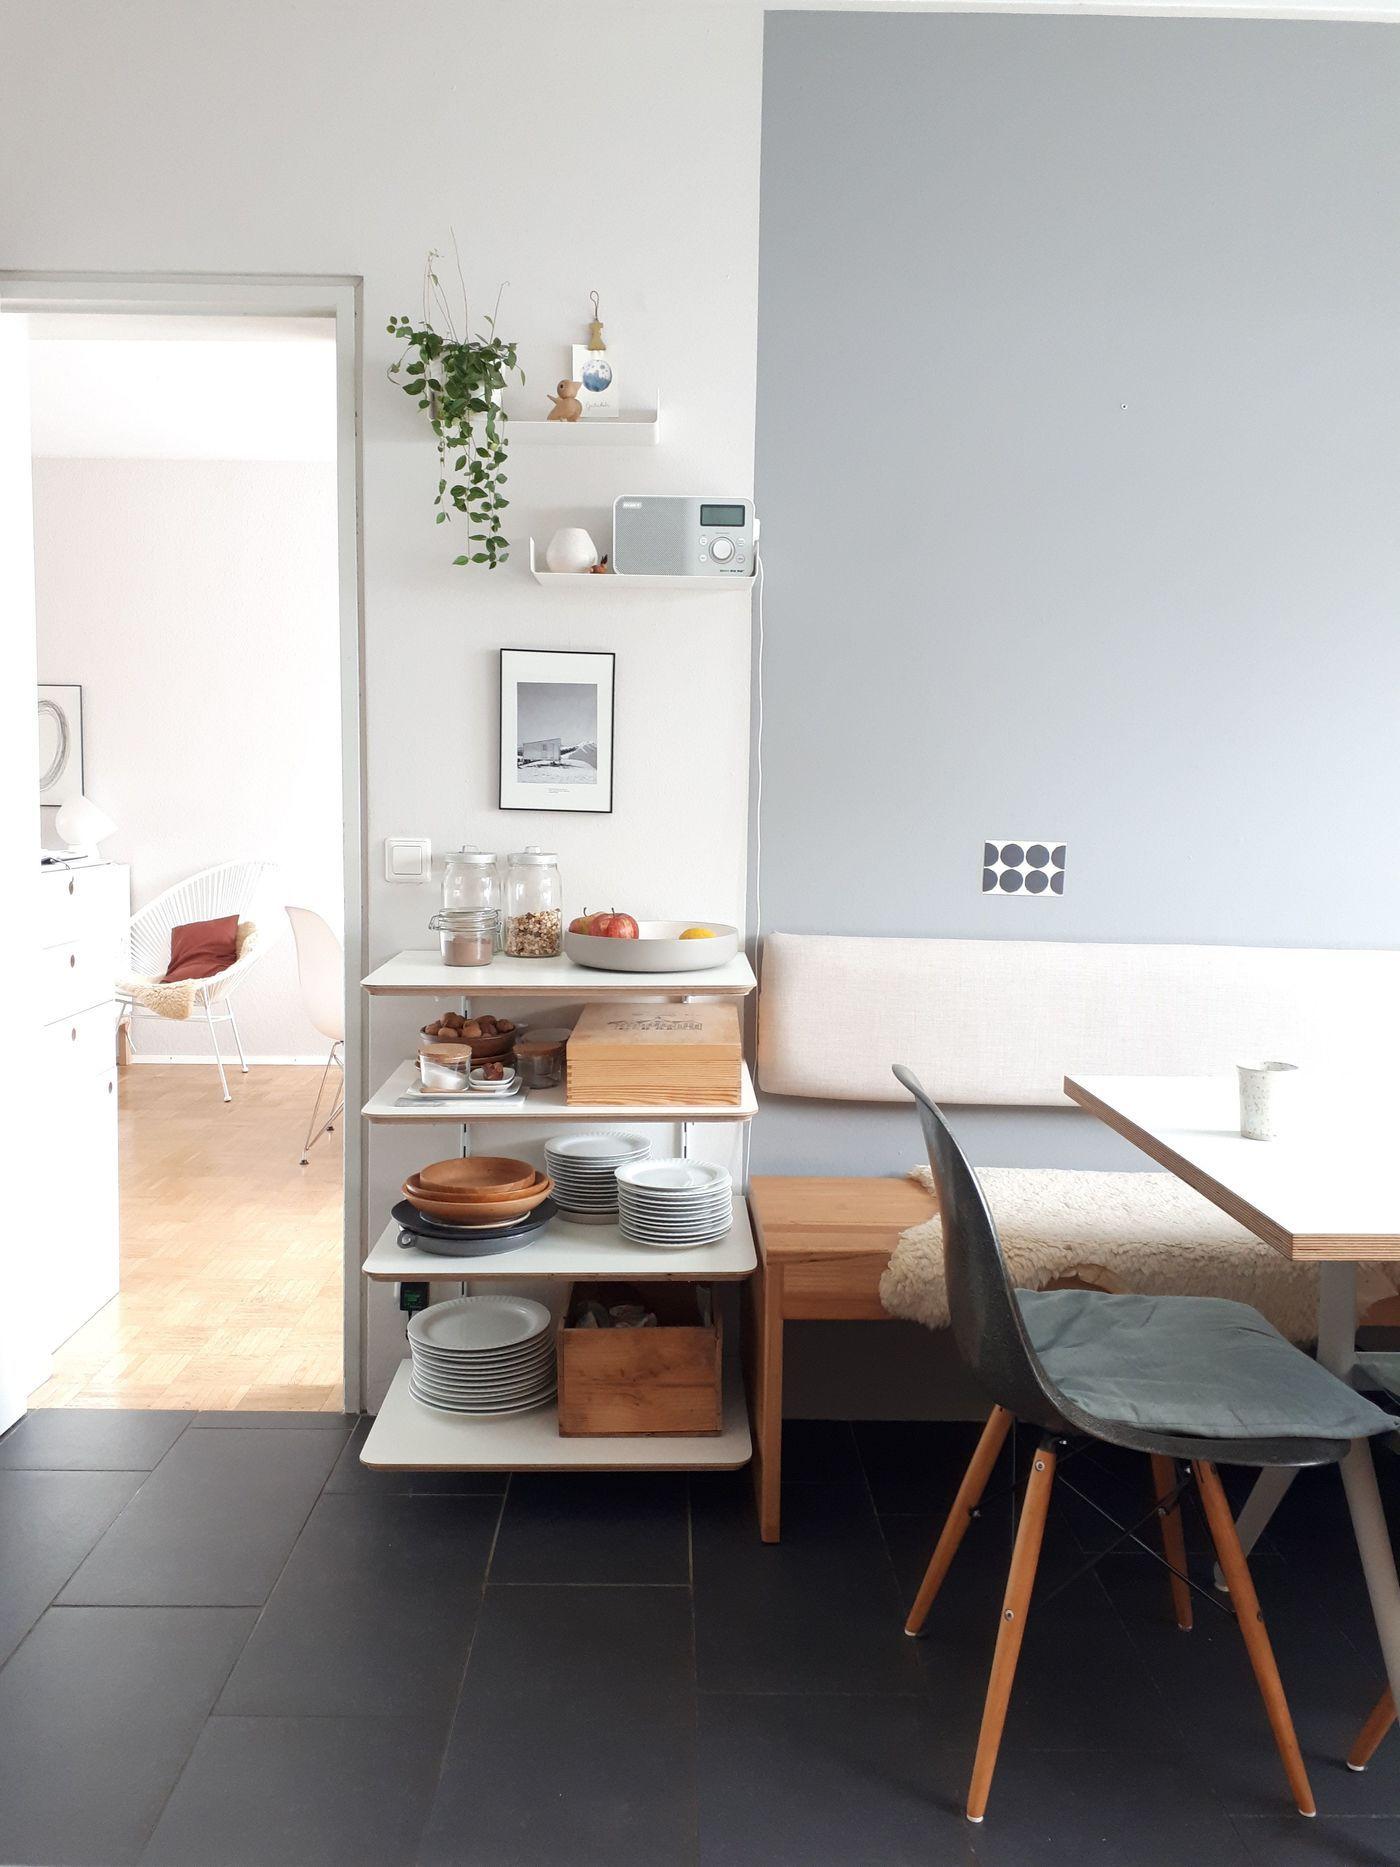 schuhregal selber bauen weinkisten holz weinkisten mit. Black Bedroom Furniture Sets. Home Design Ideas